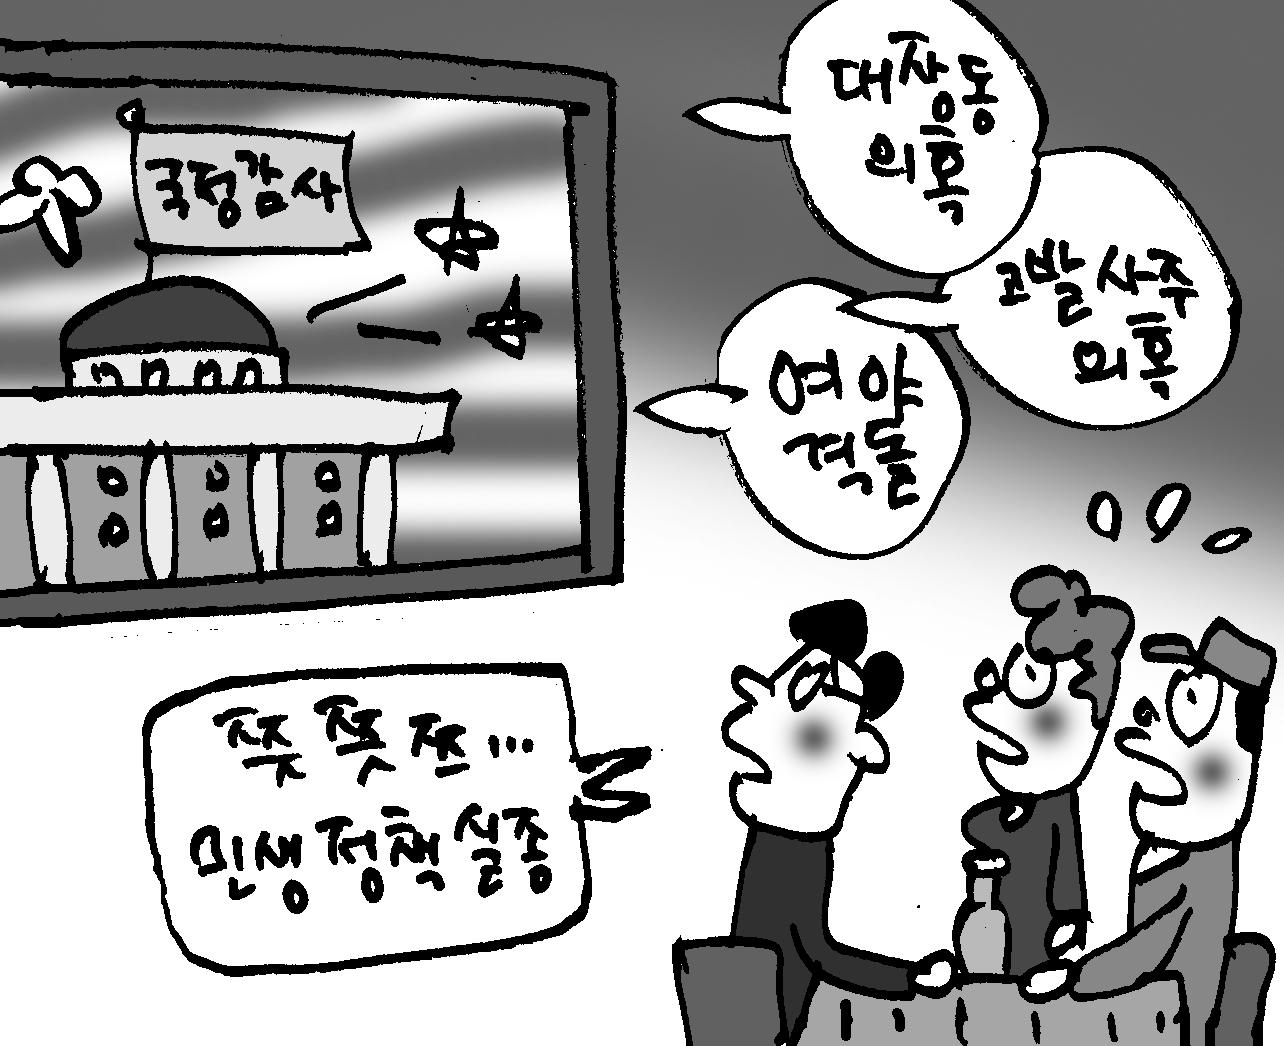 '대장동 개발 의혹' 공방전… '재판거래 의혹'까지